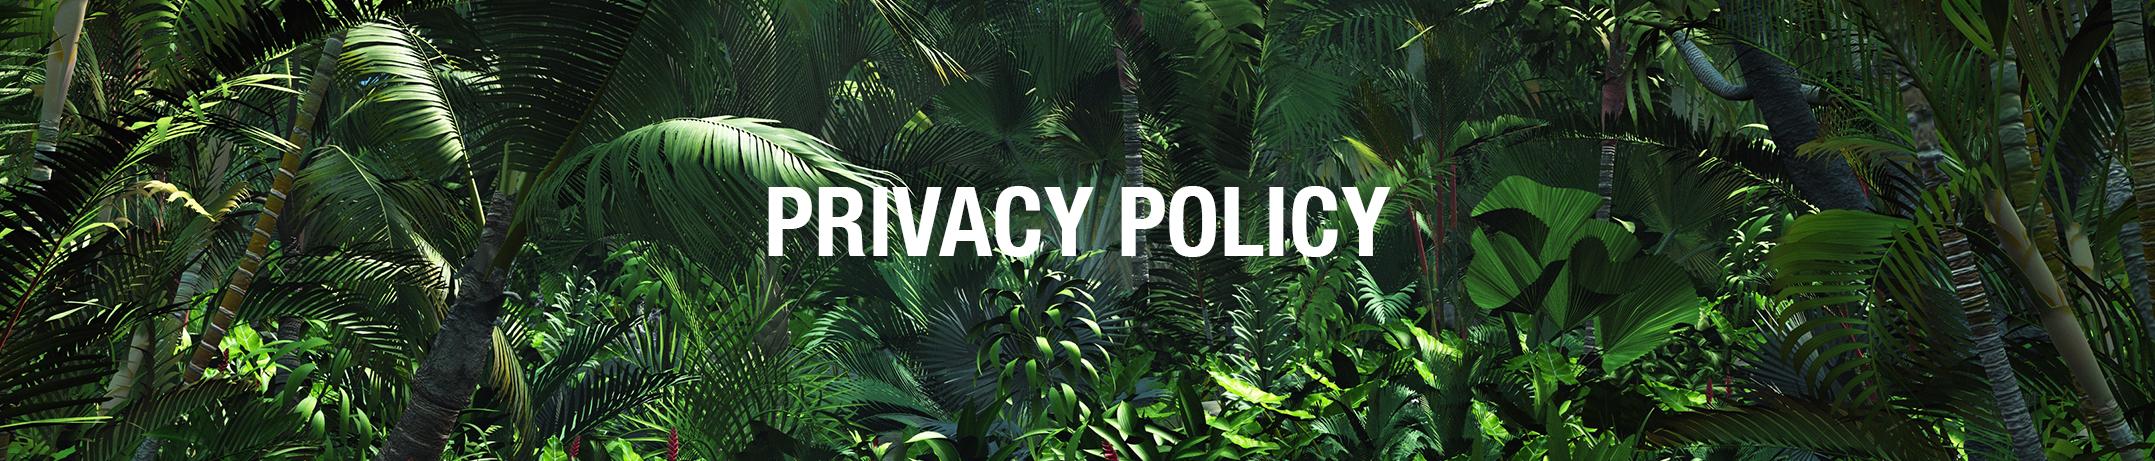 PRIVACY MALUNE